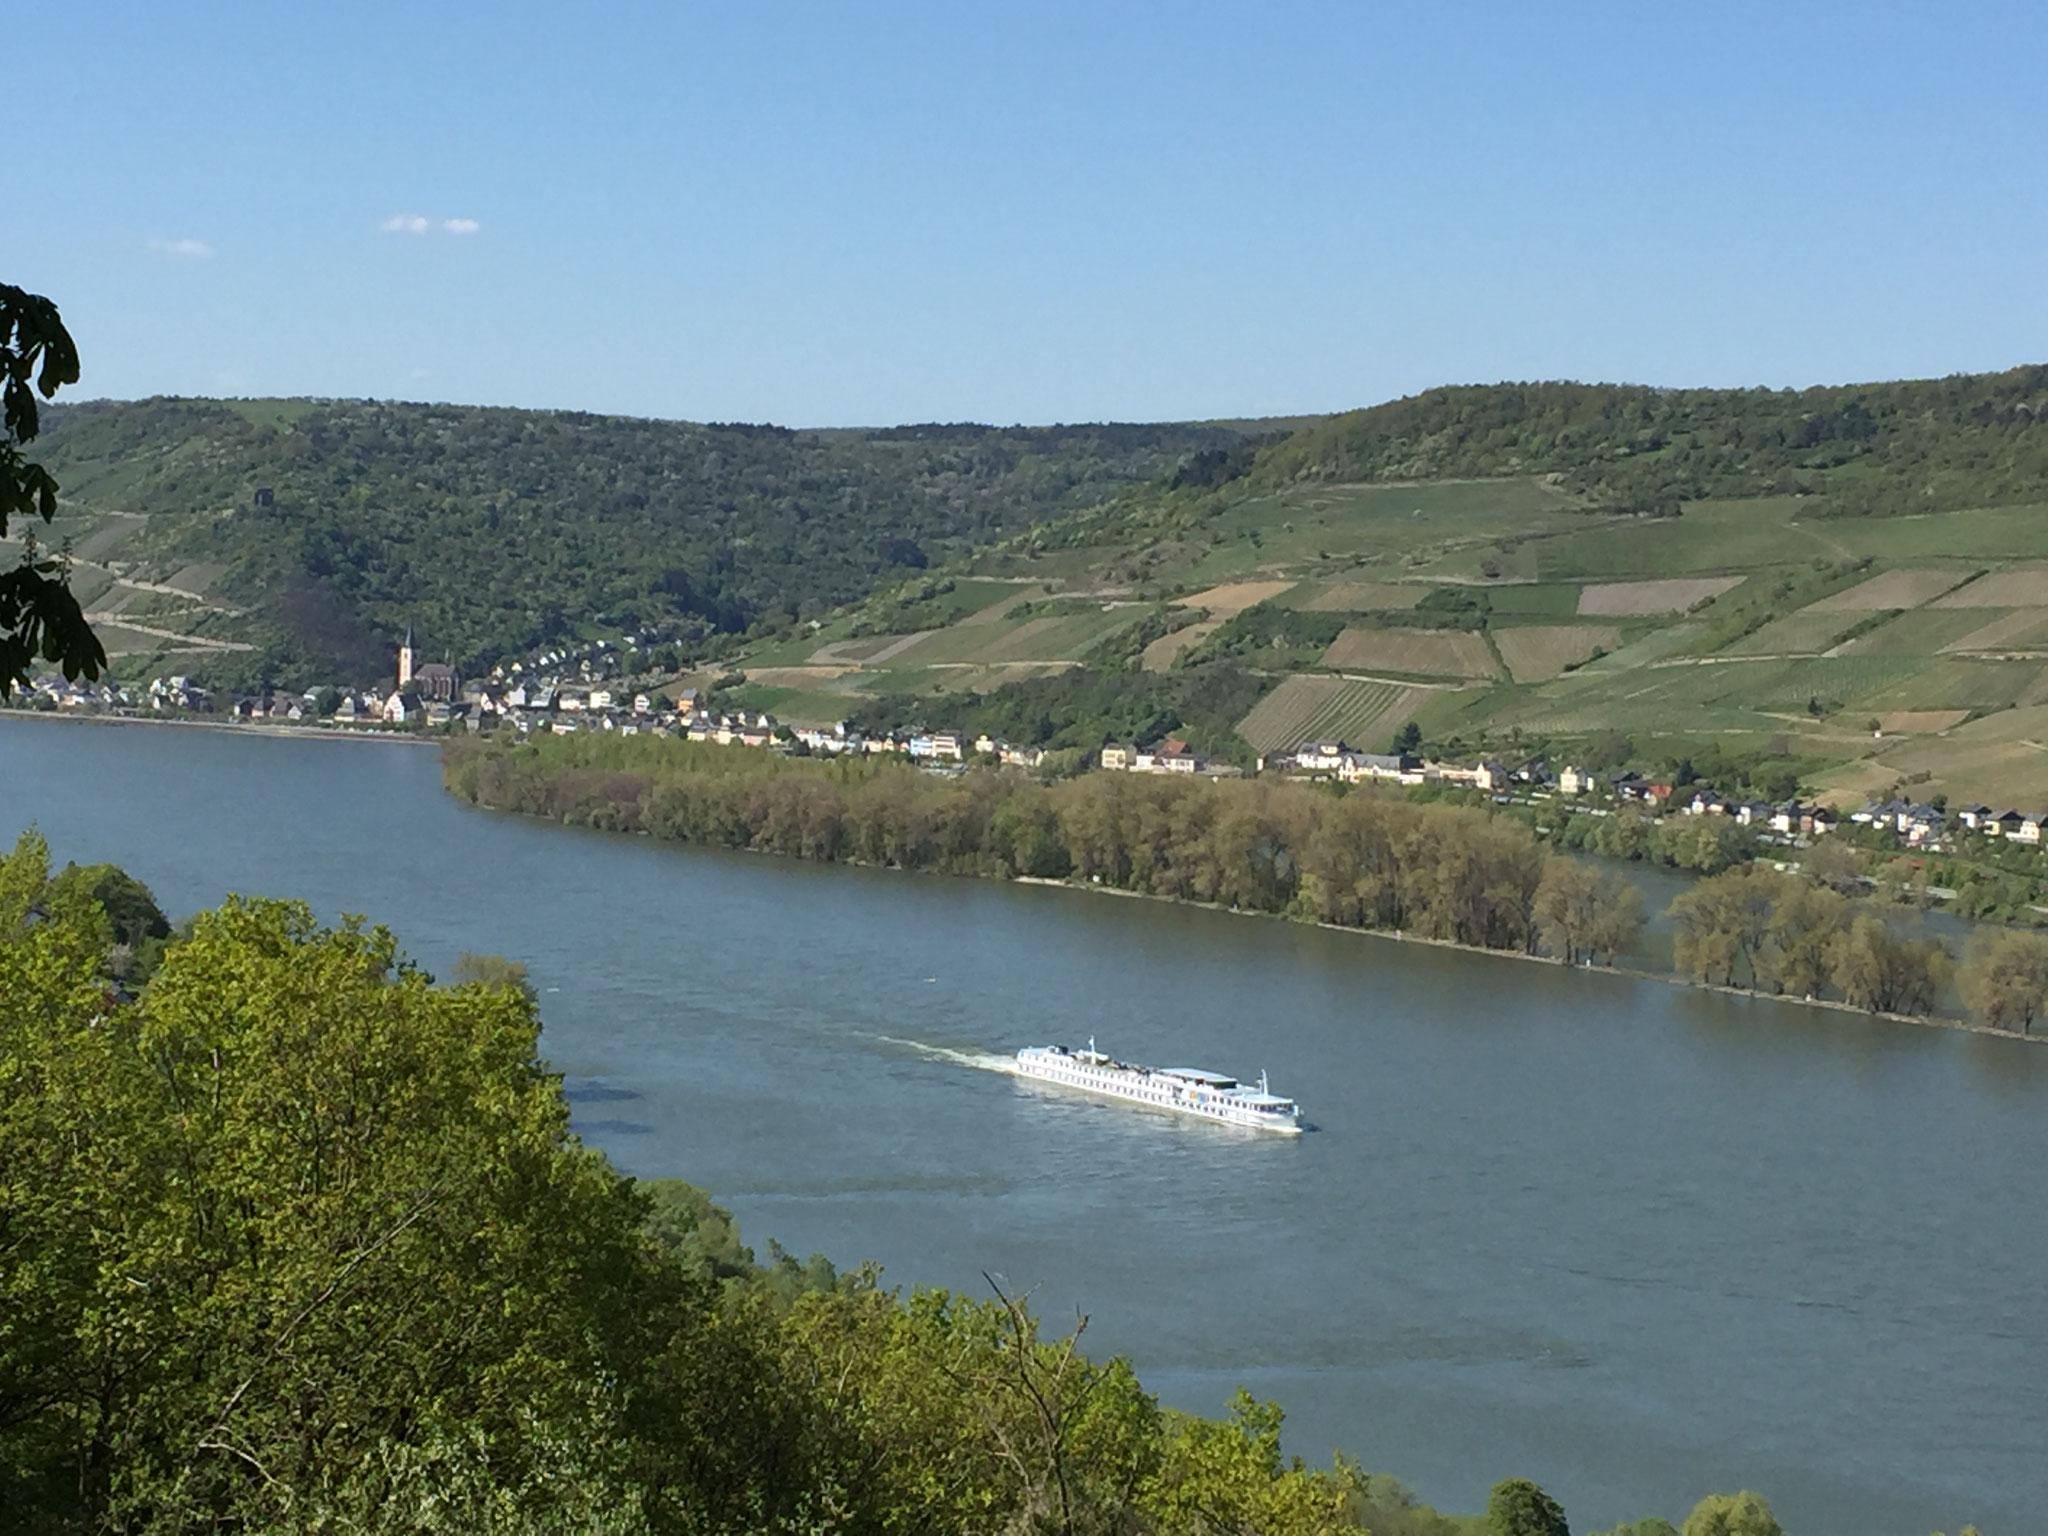 Schiffahrt auf dem Rhein